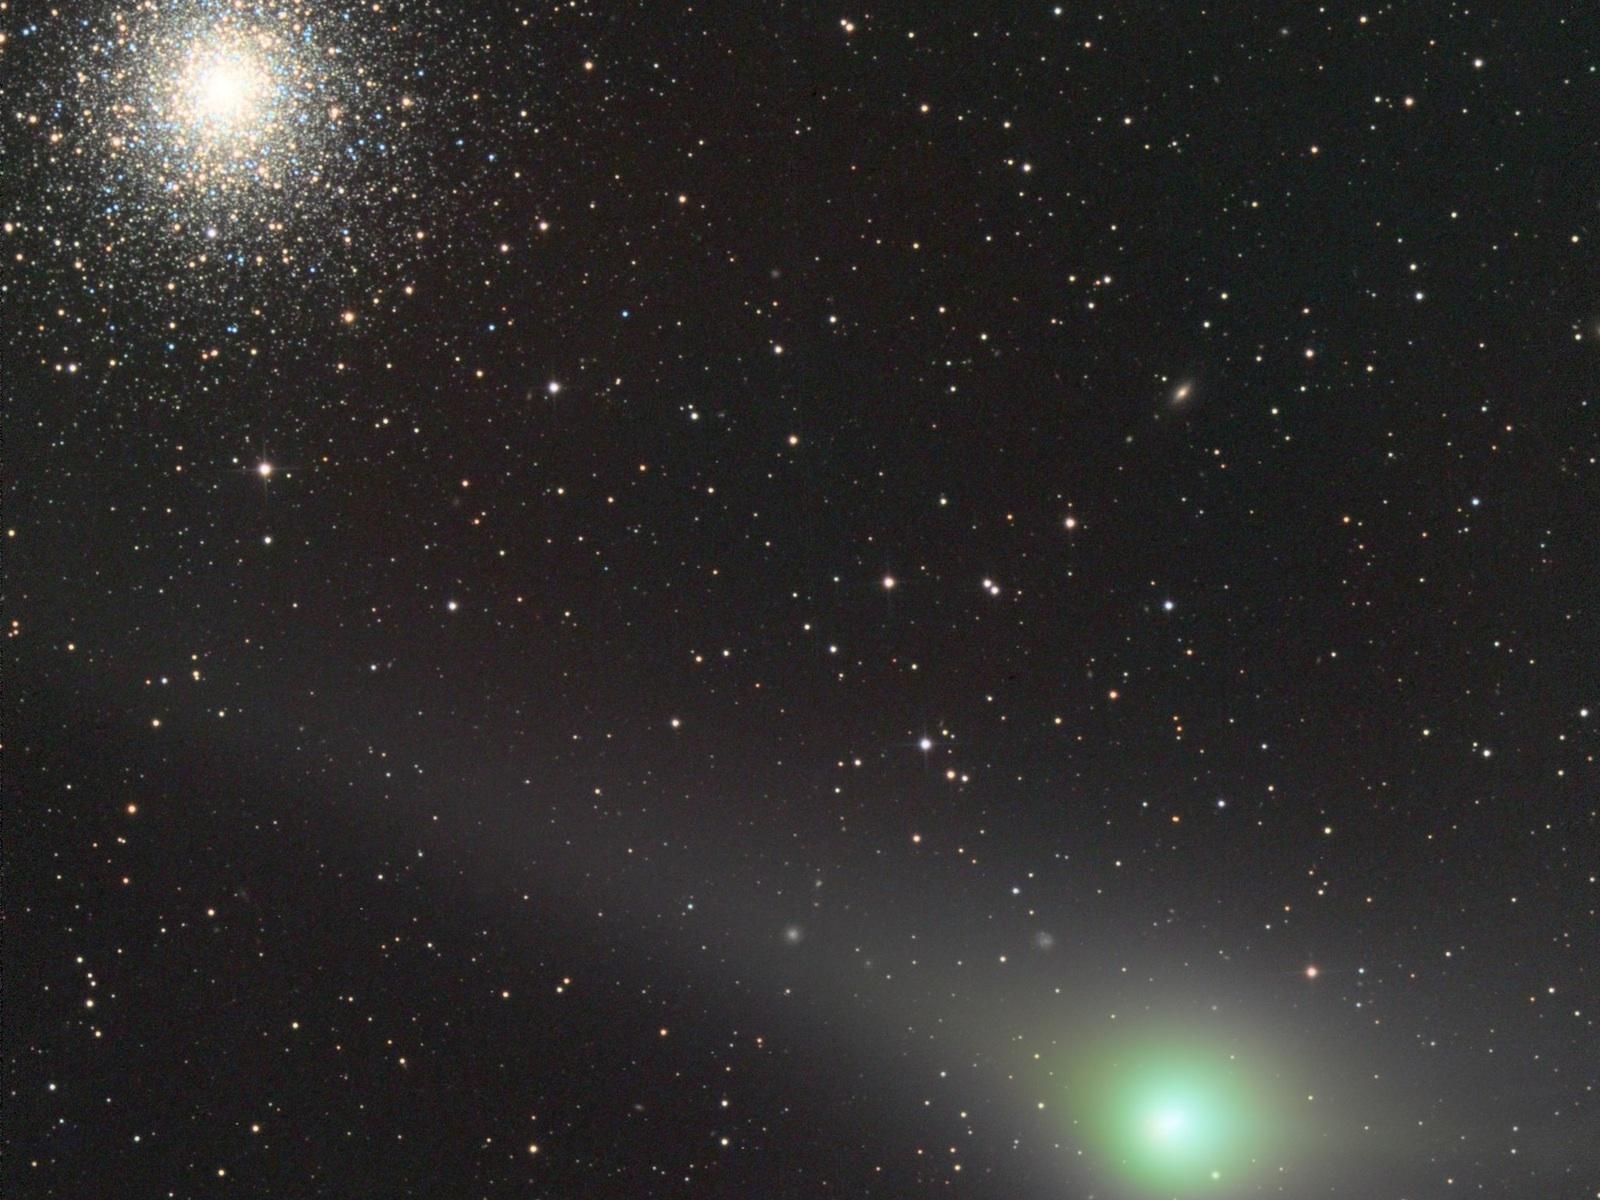 Comet Meets Cluster